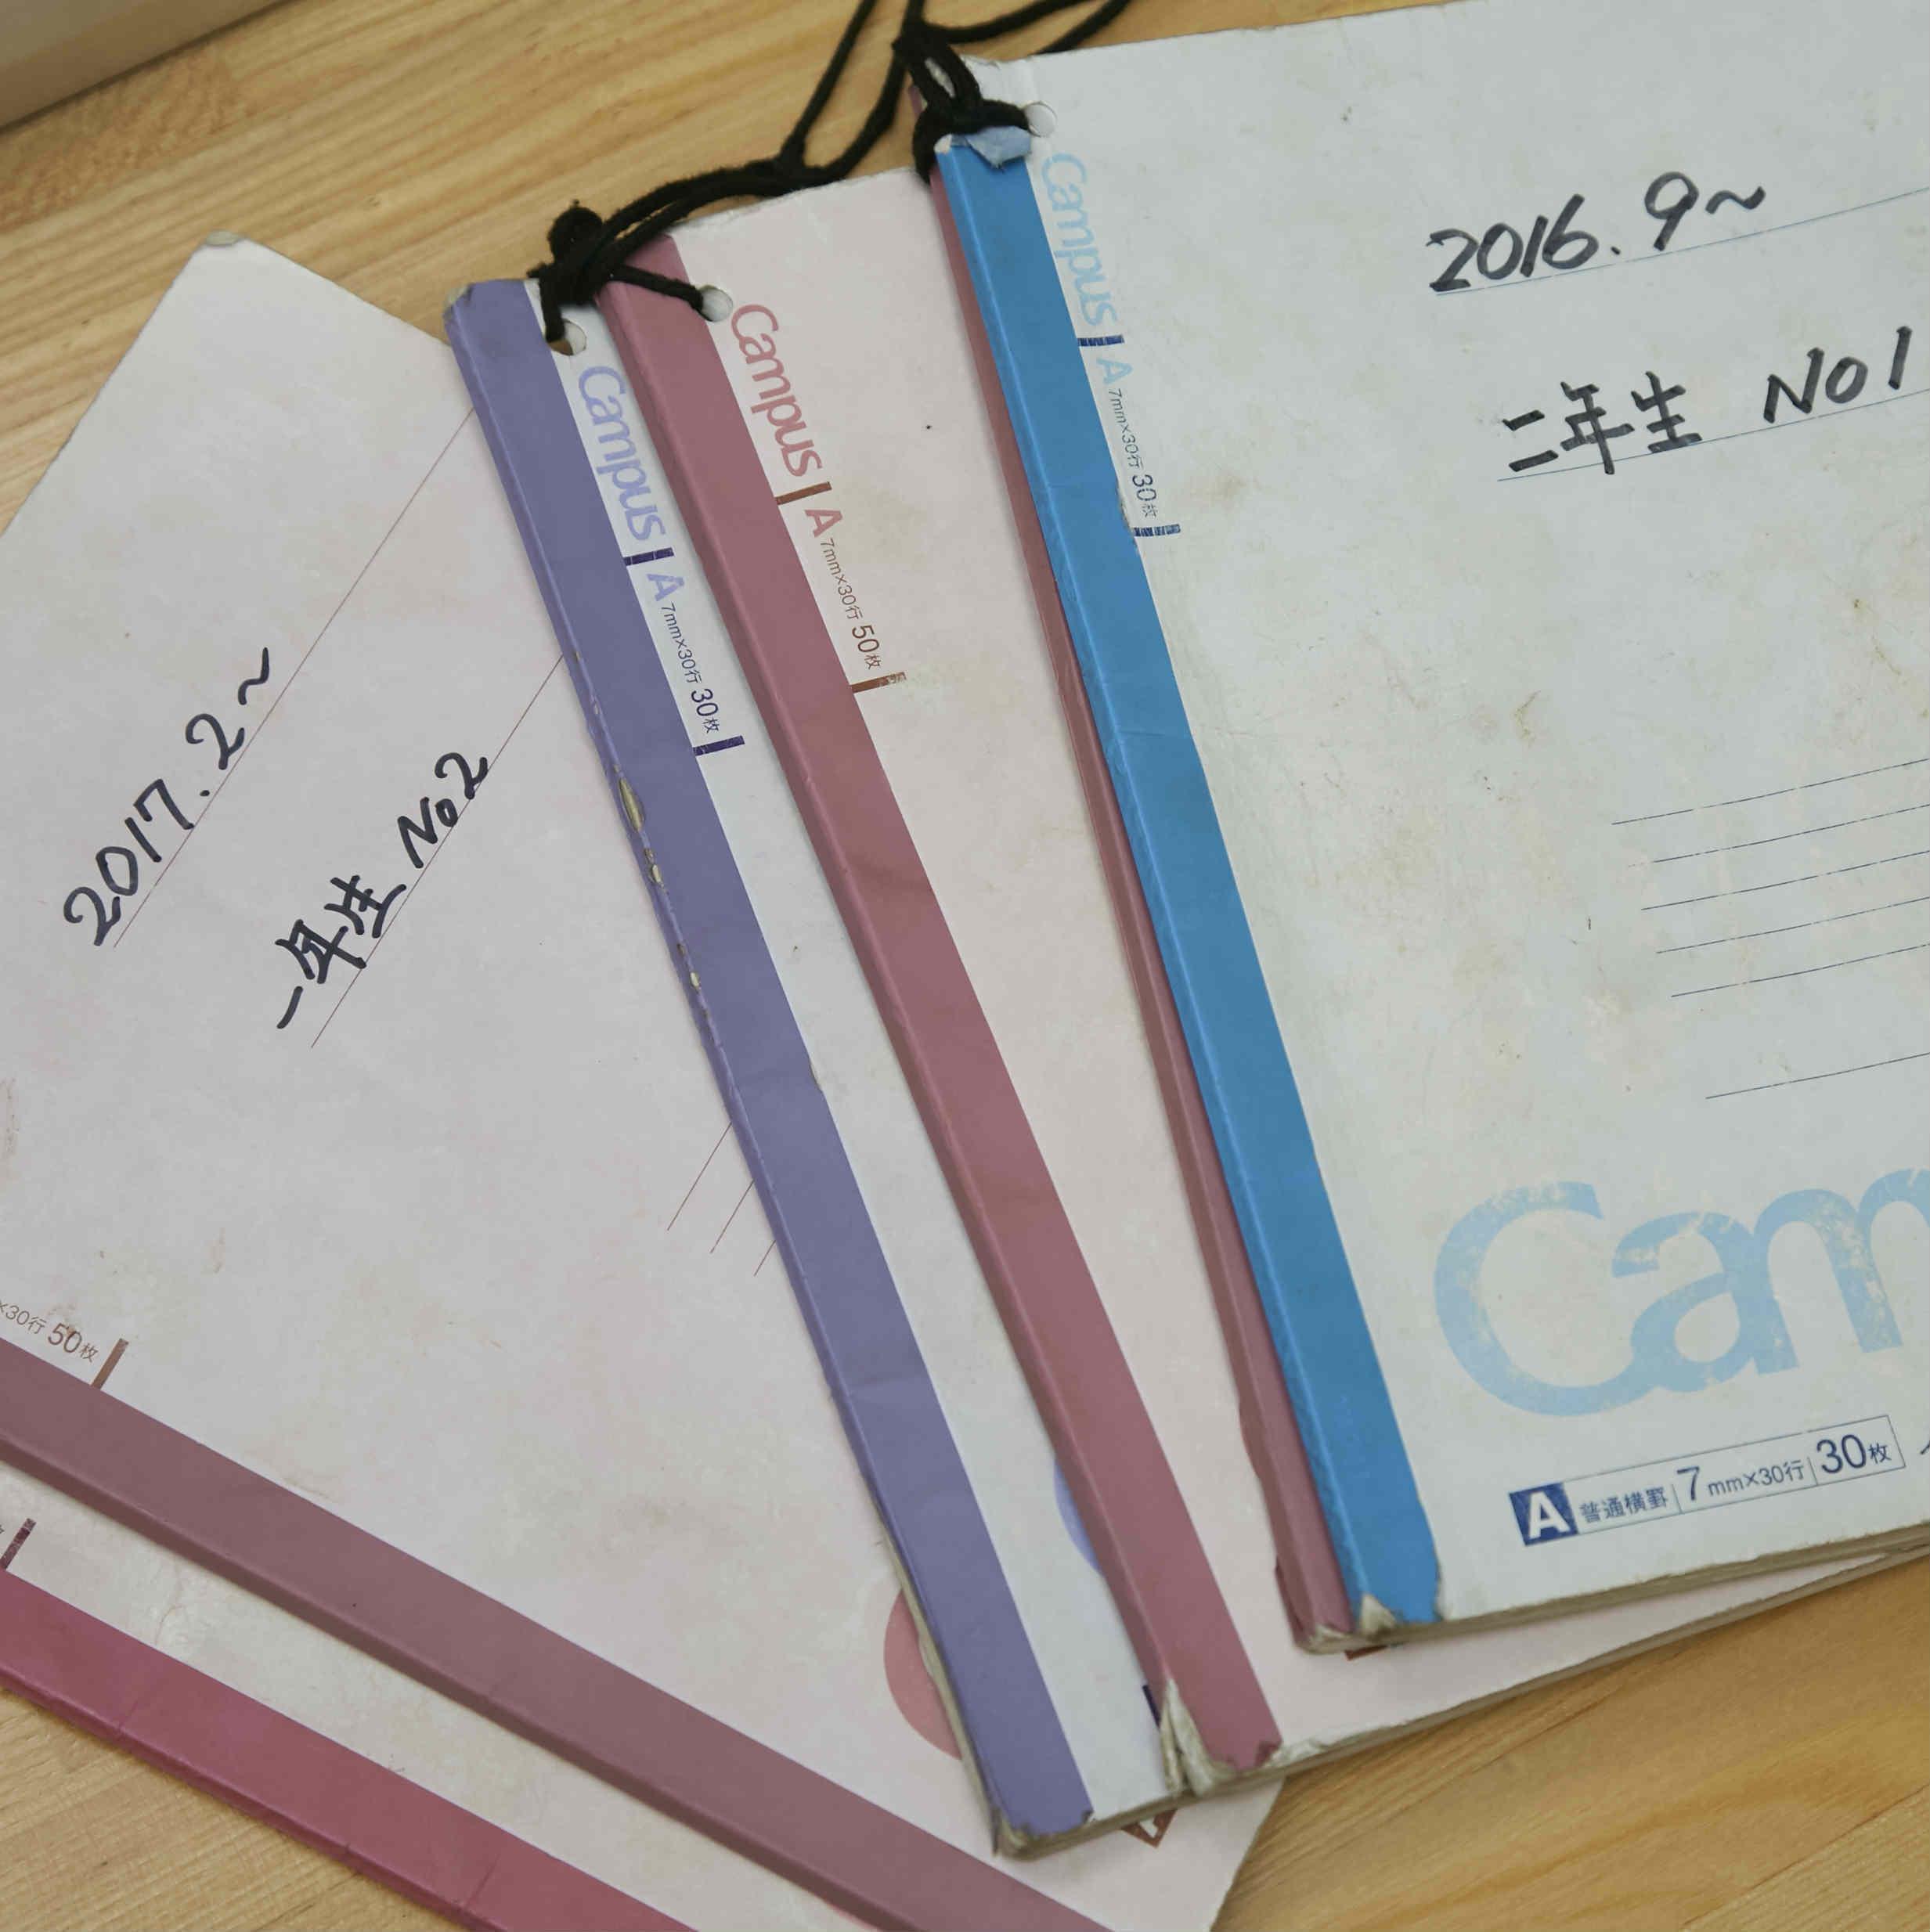 球児たちが書いた本音。甲子園へ導いた「野球ノート」たち。